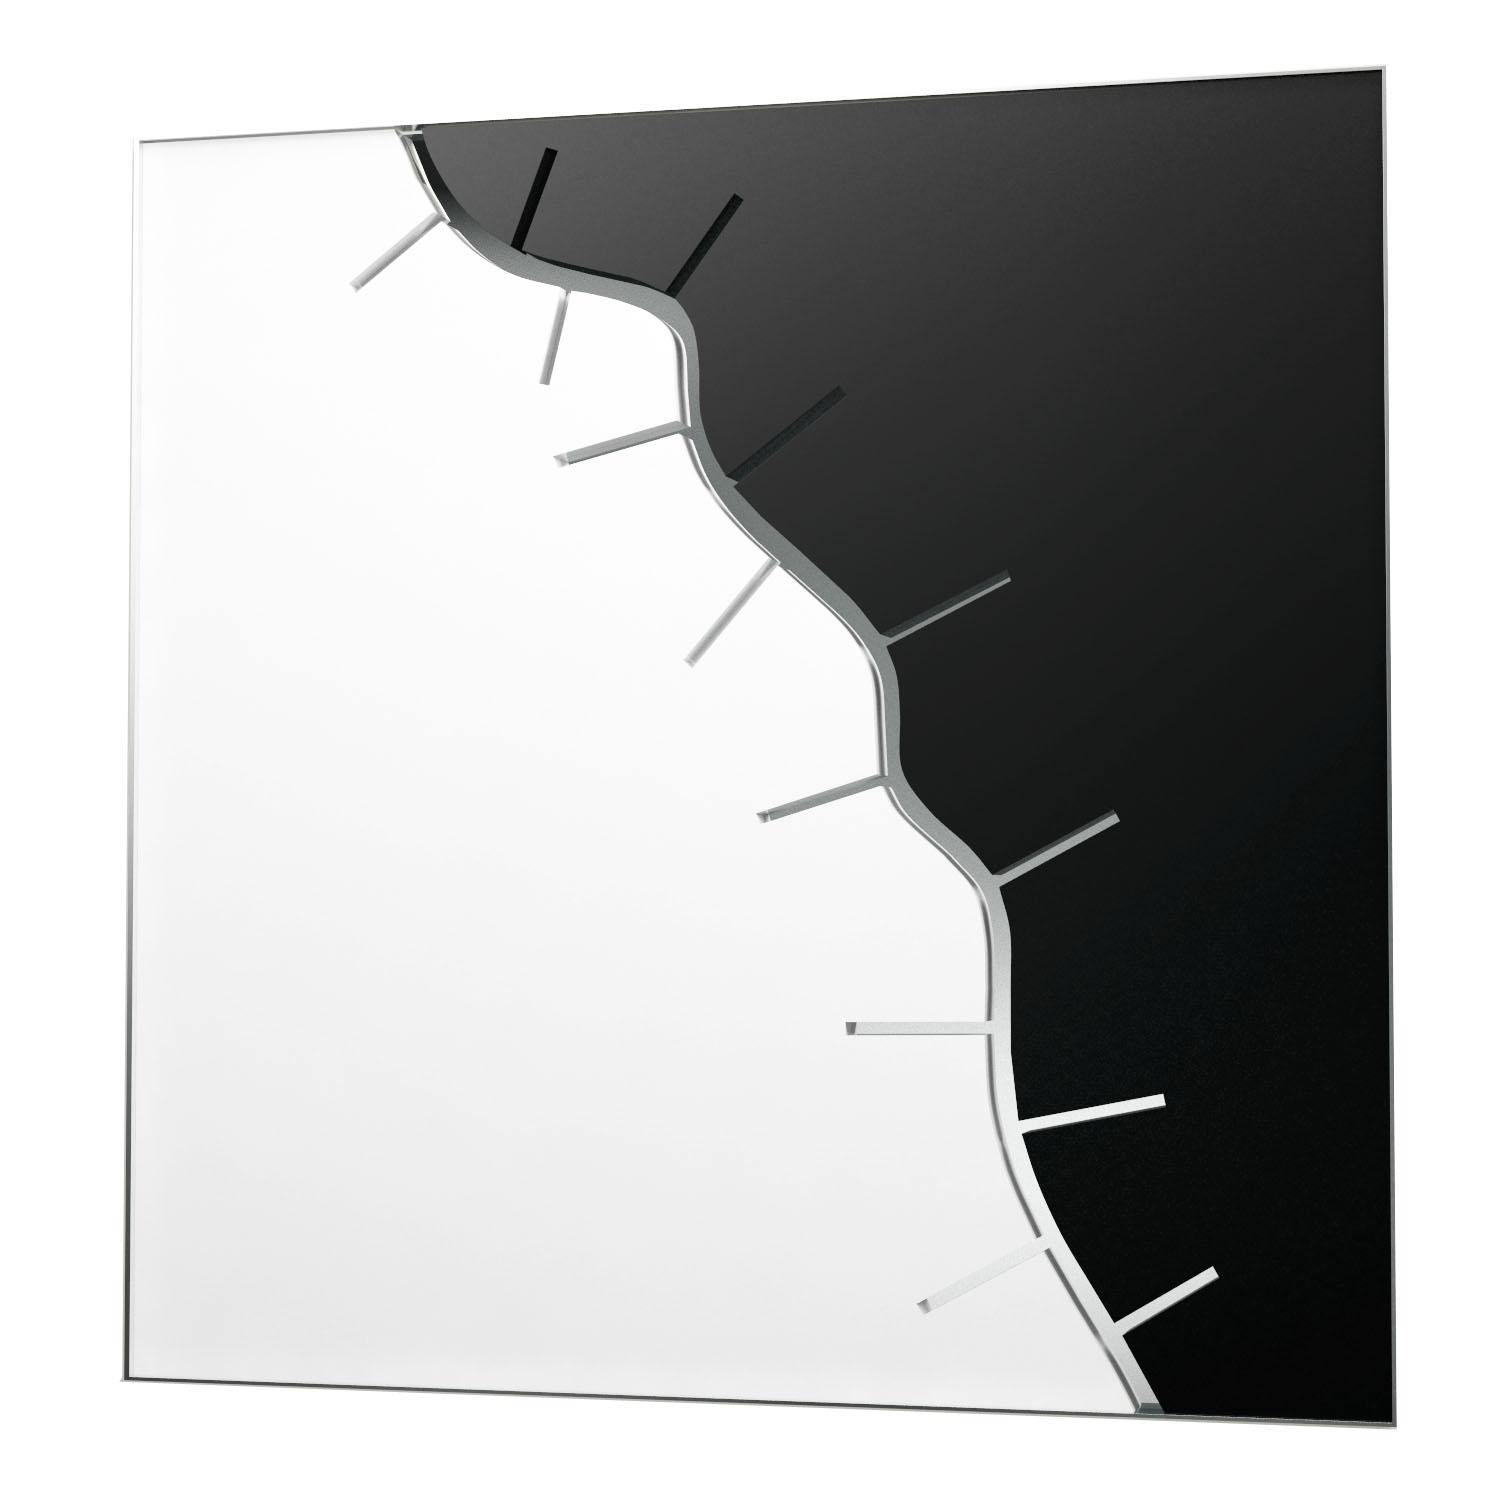 maurizio-balducci-artista-percorsi-specchio